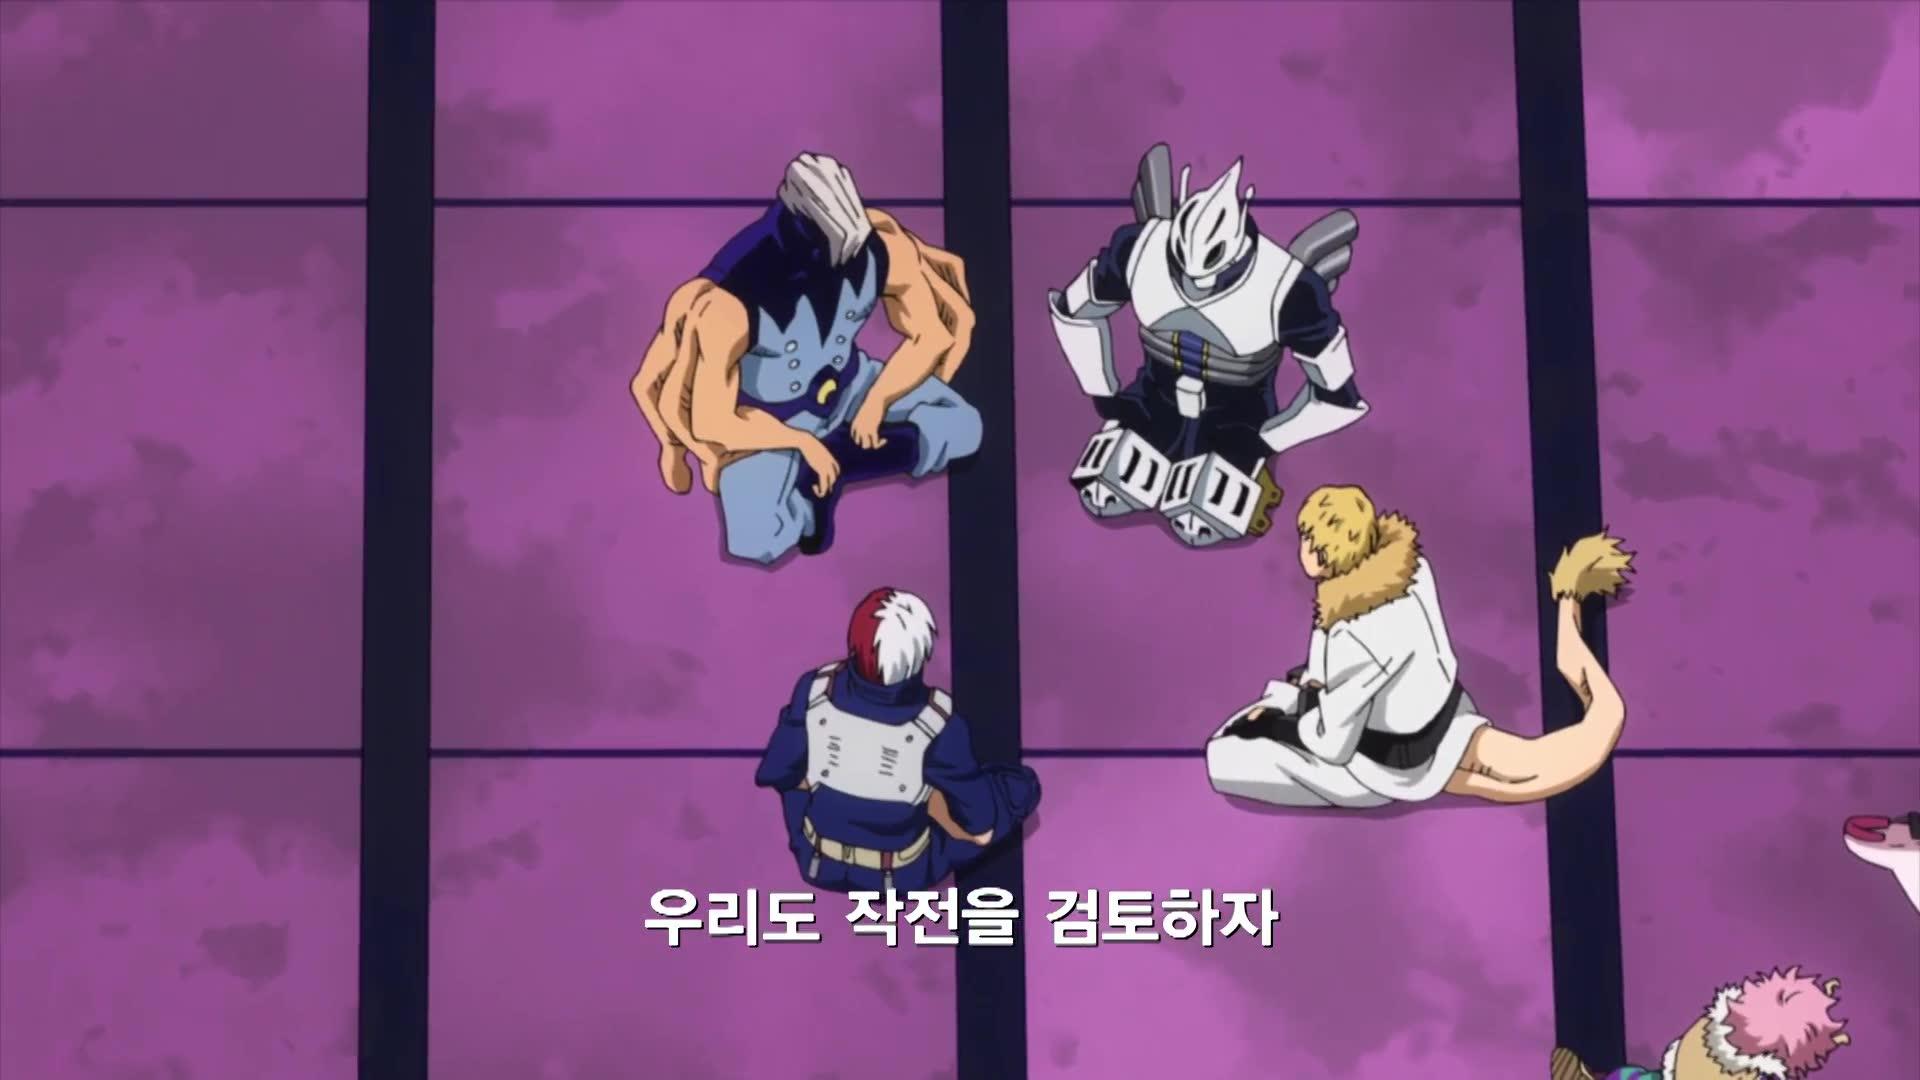 5화 새 기술 즉흥 오퍼레이션